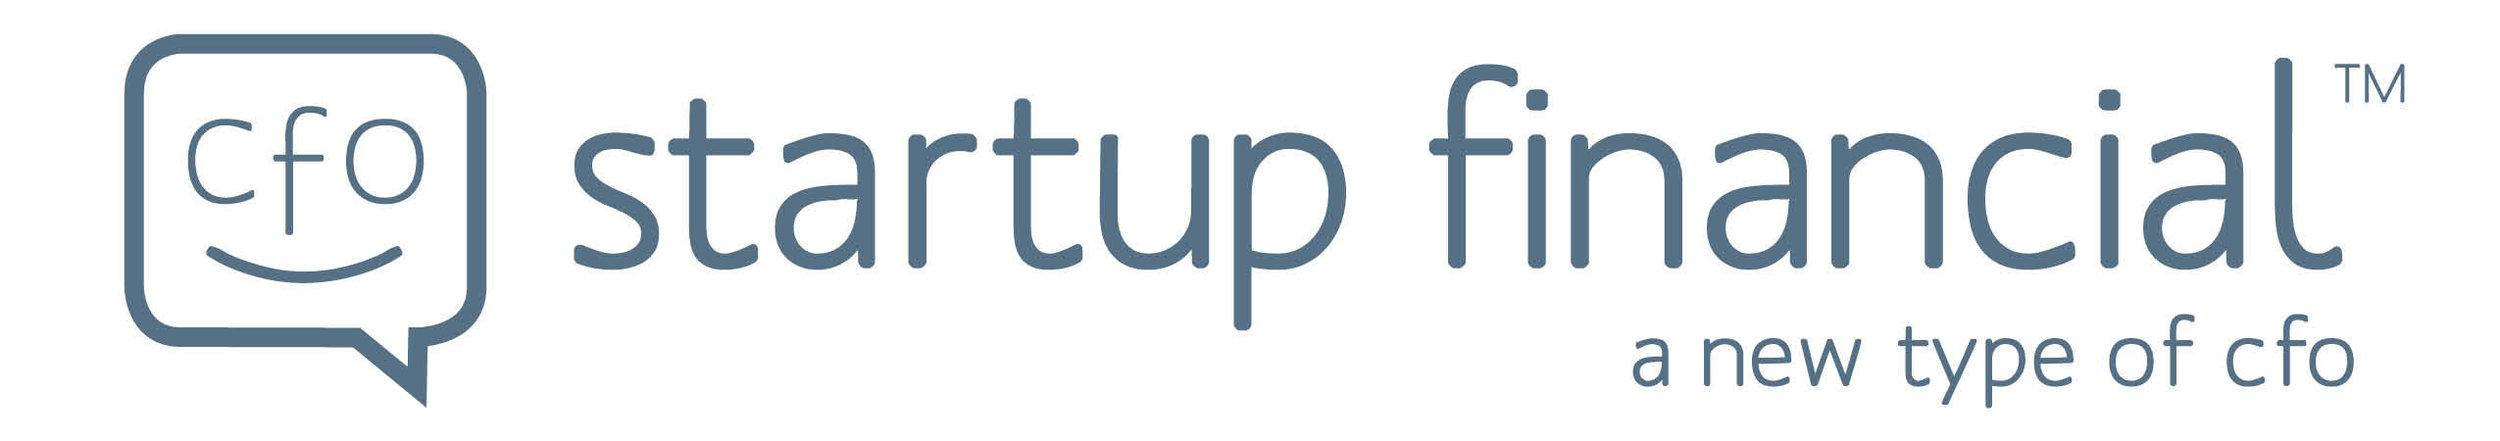 startup financial cfo guy logo.jpg